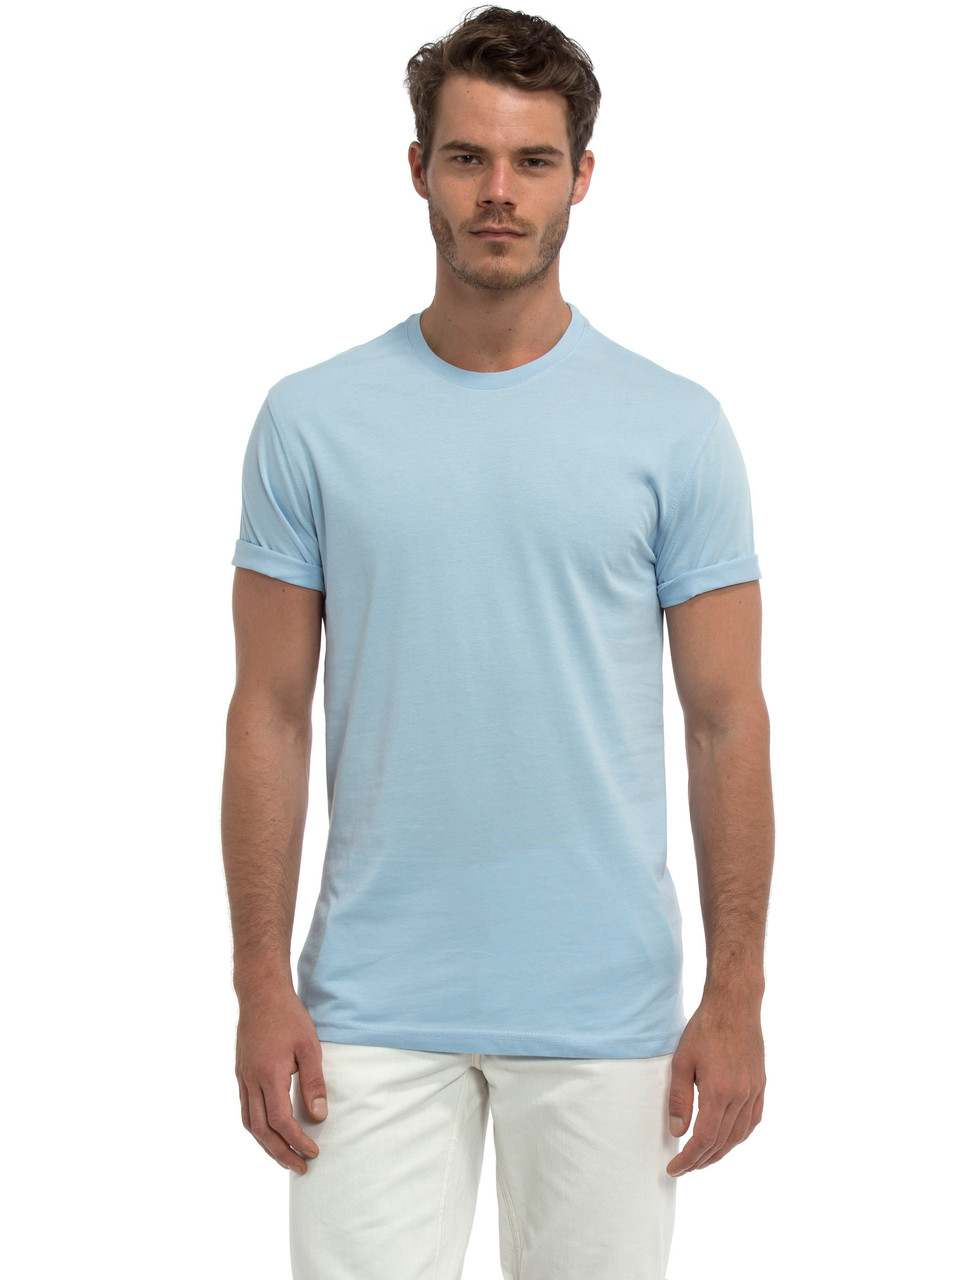 Голубая мужская футболка LC Waikiki / ЛС Вайкики